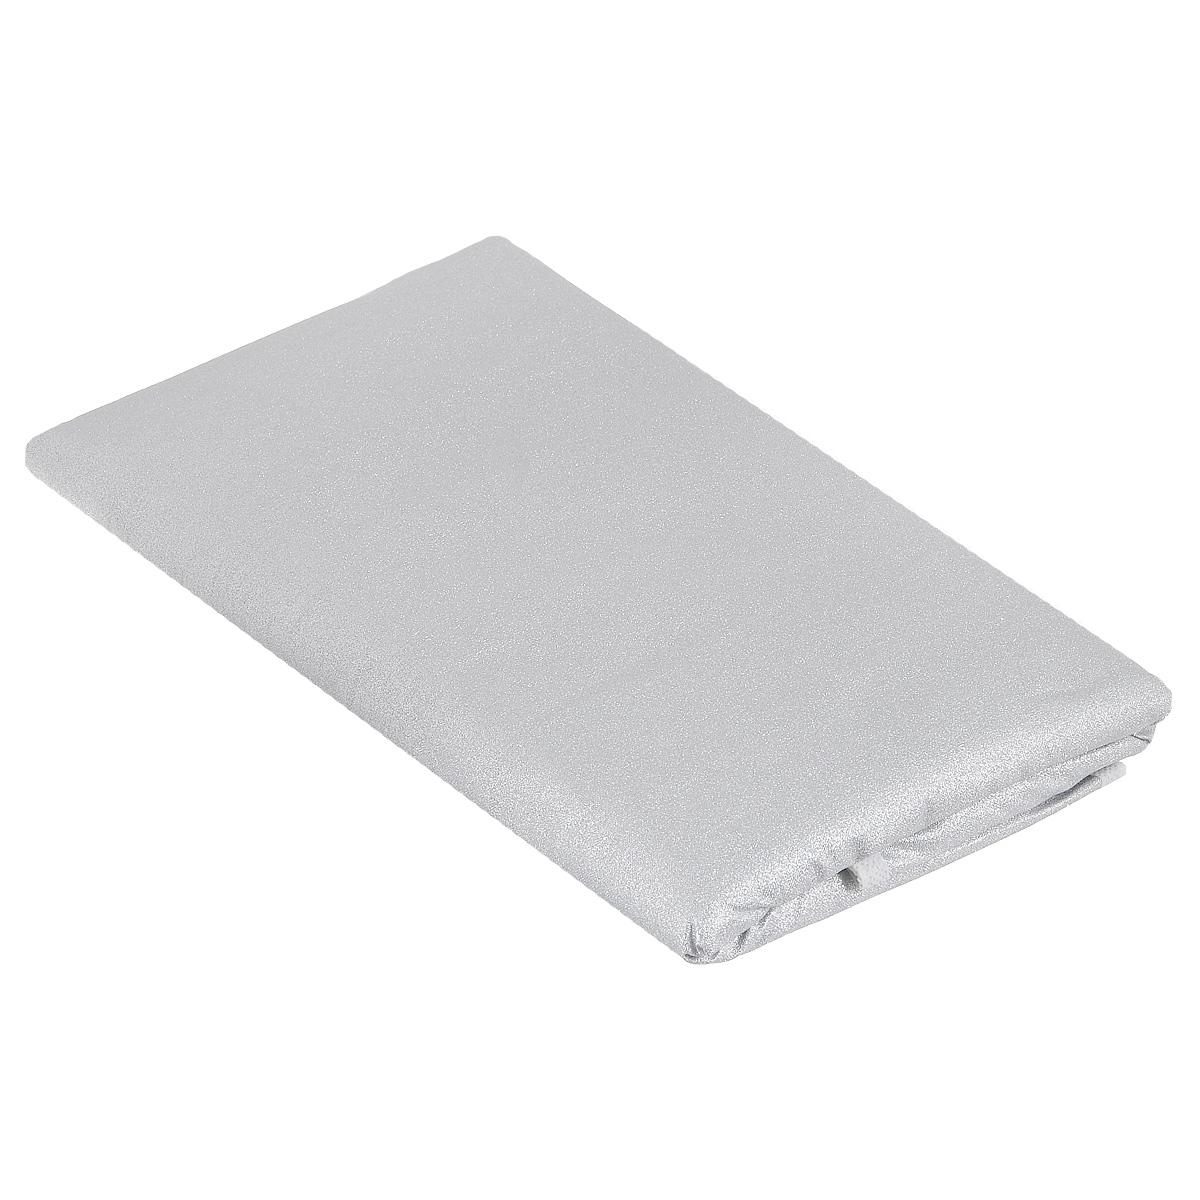 Чехол для гладильной доски Eva, цвет: серебристый, 156 х 53 смGC220/05Чехол для гладильной доски Eva выполнен из хлопчатобумажной ткани с термостойким тефлоновым покрытием и поролоновой подкладкой. Чехол предназначен для защиты или замены изношенного покрытия гладильной доски. Благодаря удобной системе фиксации легко крепится к гладильной доске. Этот качественный чехол обеспечит вам легкое глажение. Размер чехла: 156 см x 53 см. Размер доски, для которой предназначен чехол: 148 см x 46 см.